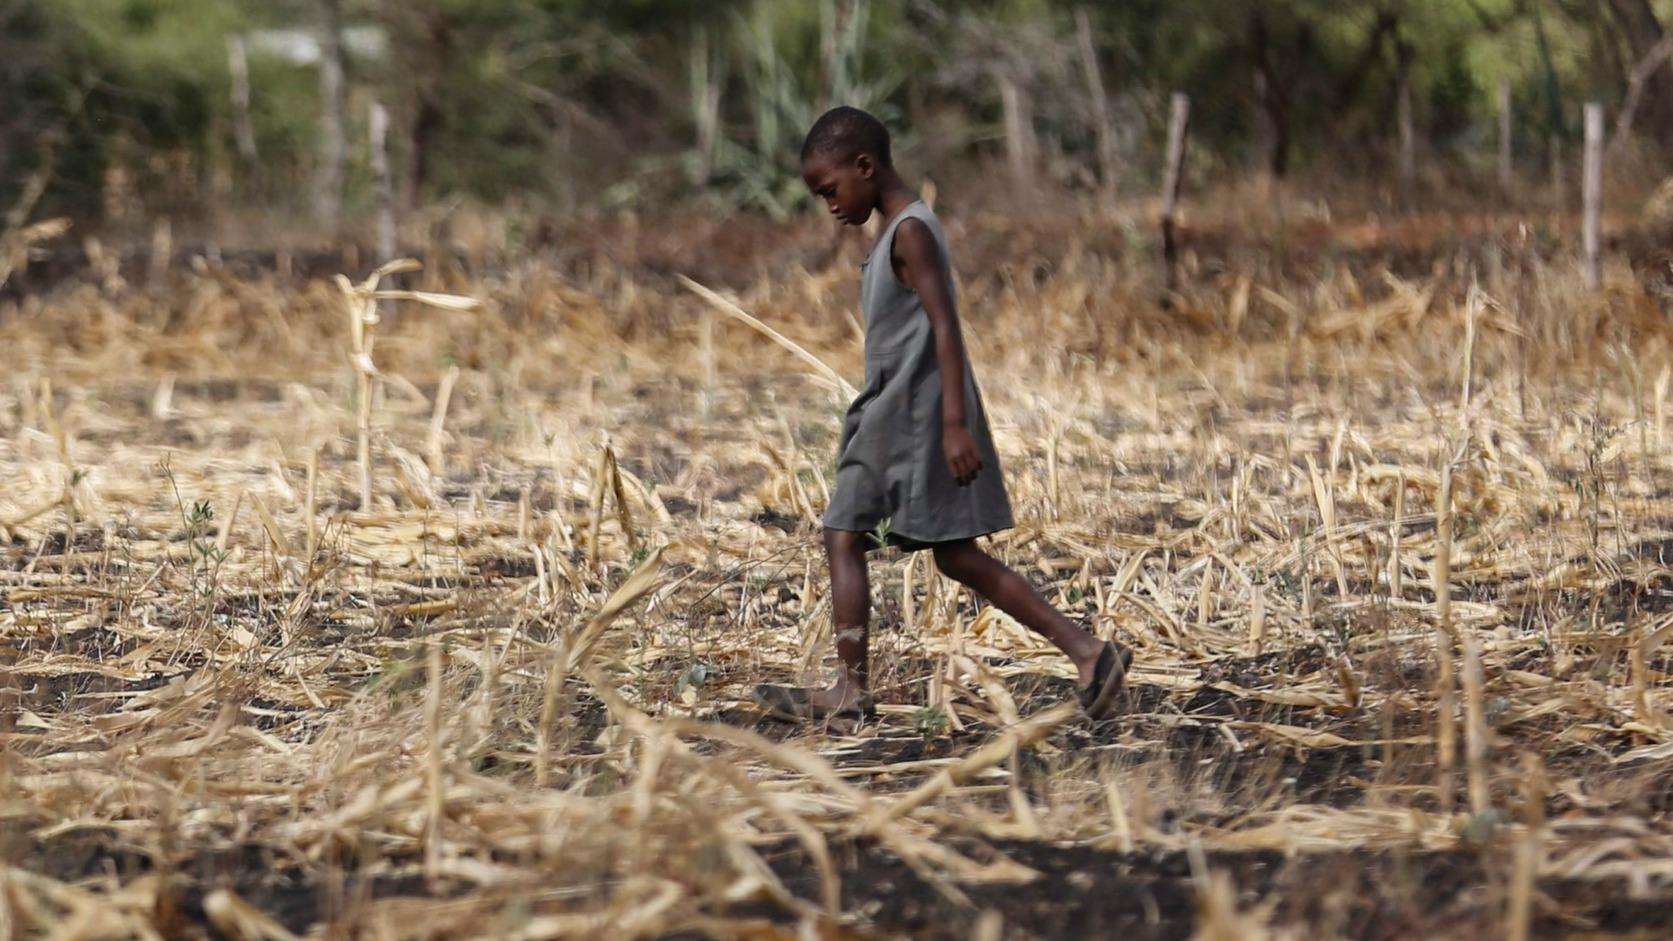 Matinyani, 2015. március 23. Kiszáradt kukoricaföldön egy lány a Kenya délkeleti részén fekvő Matinyani közelében a víz világnapján, 2015. március 22-én. A kenyai kormány szerint az országban 1,6 millió embert fenyeget éhínség az aszályos időjárás miatt.  (MTI/EPA/Kurokava Dai)